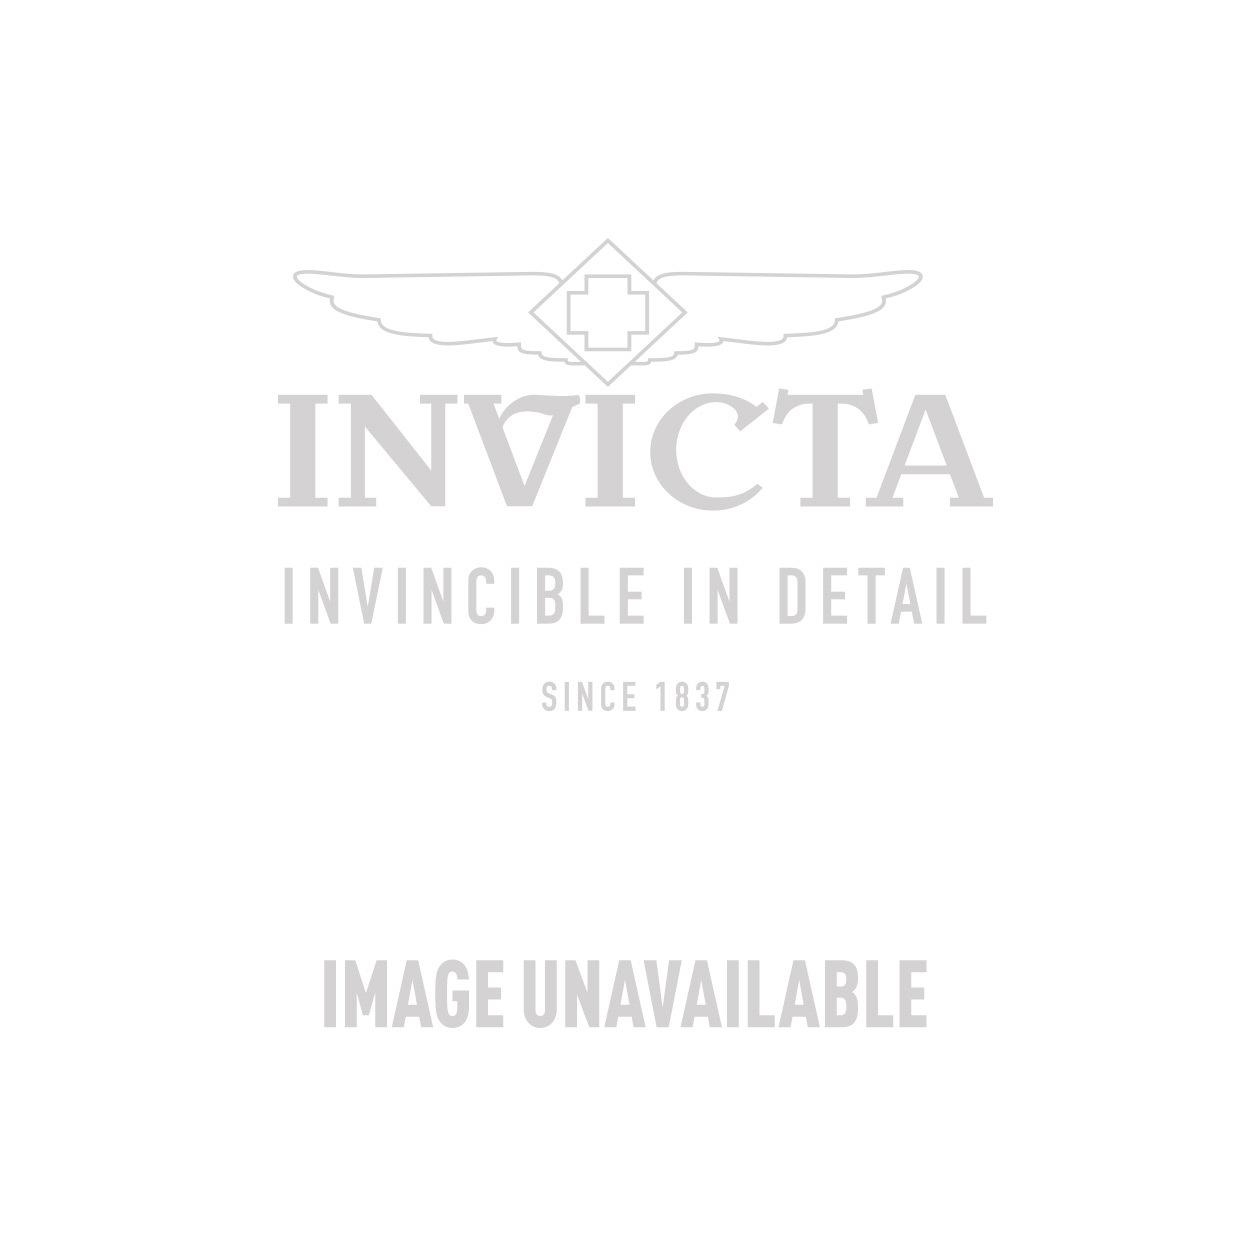 Invicta Model 25143